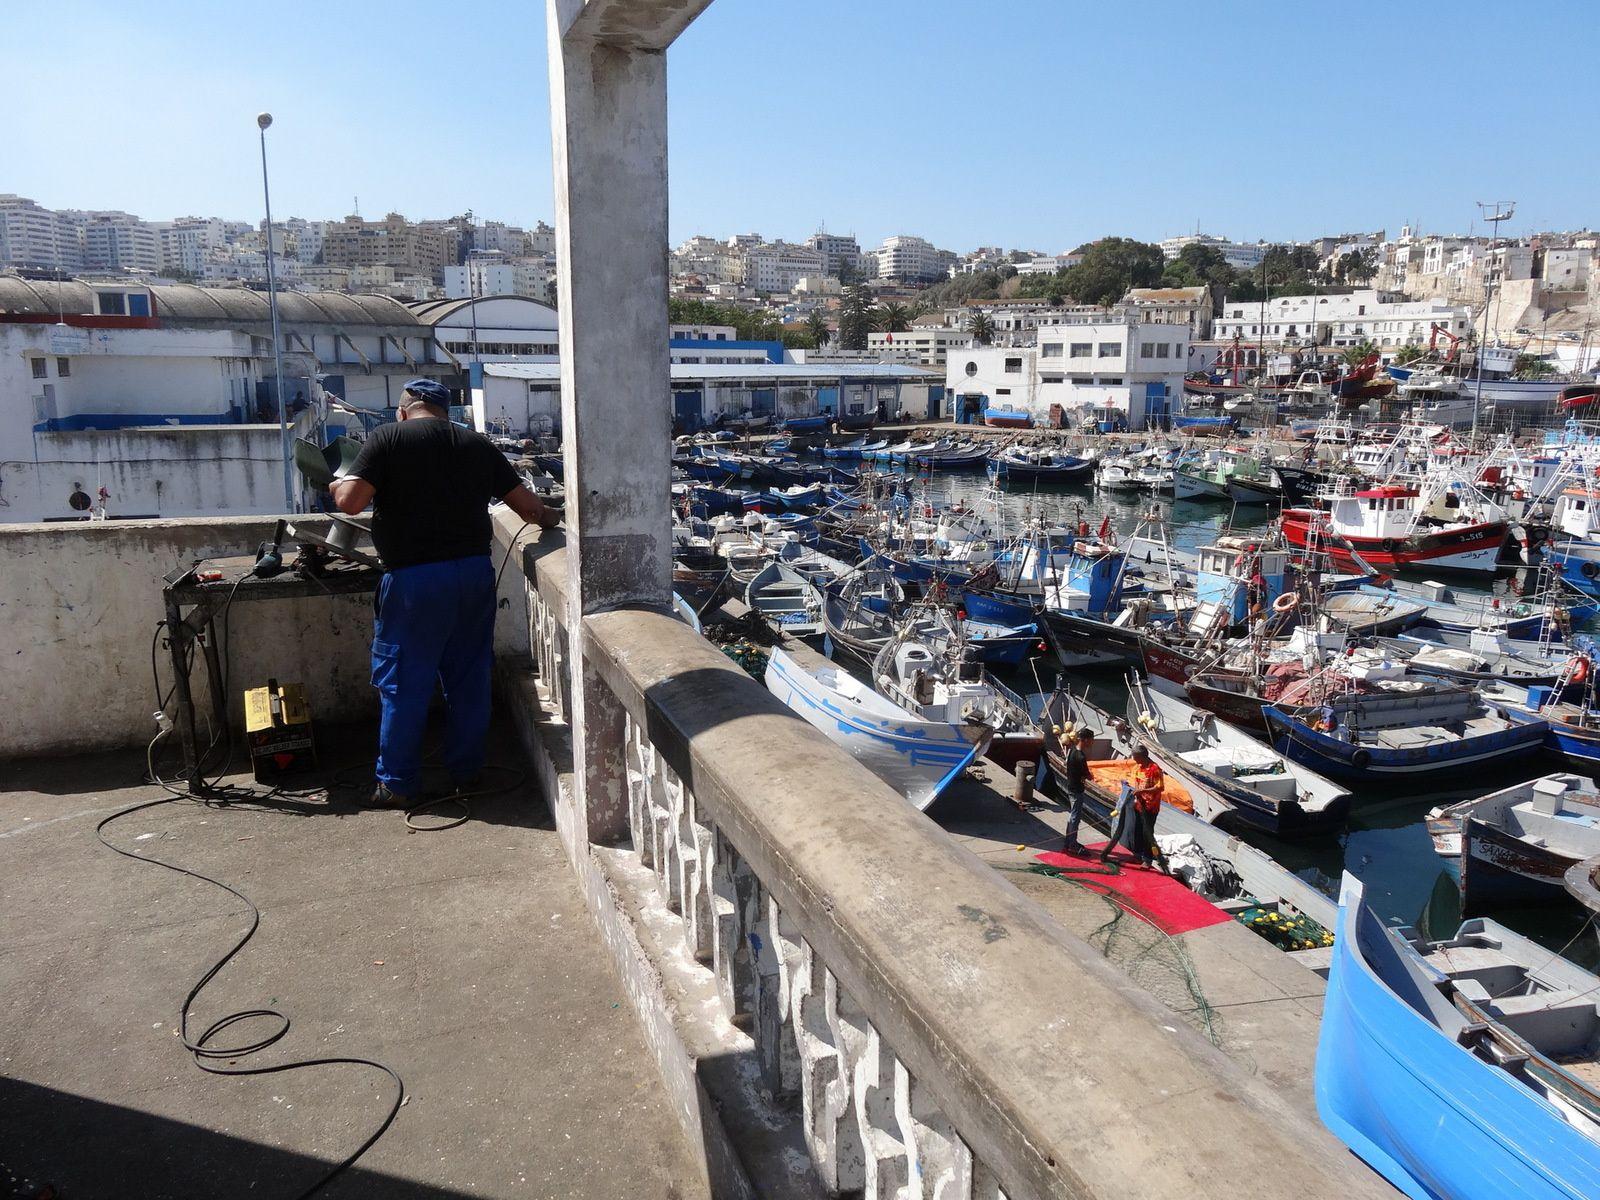 Port de pêche de Tanger derniers instants (5 photos / septembre 2016)